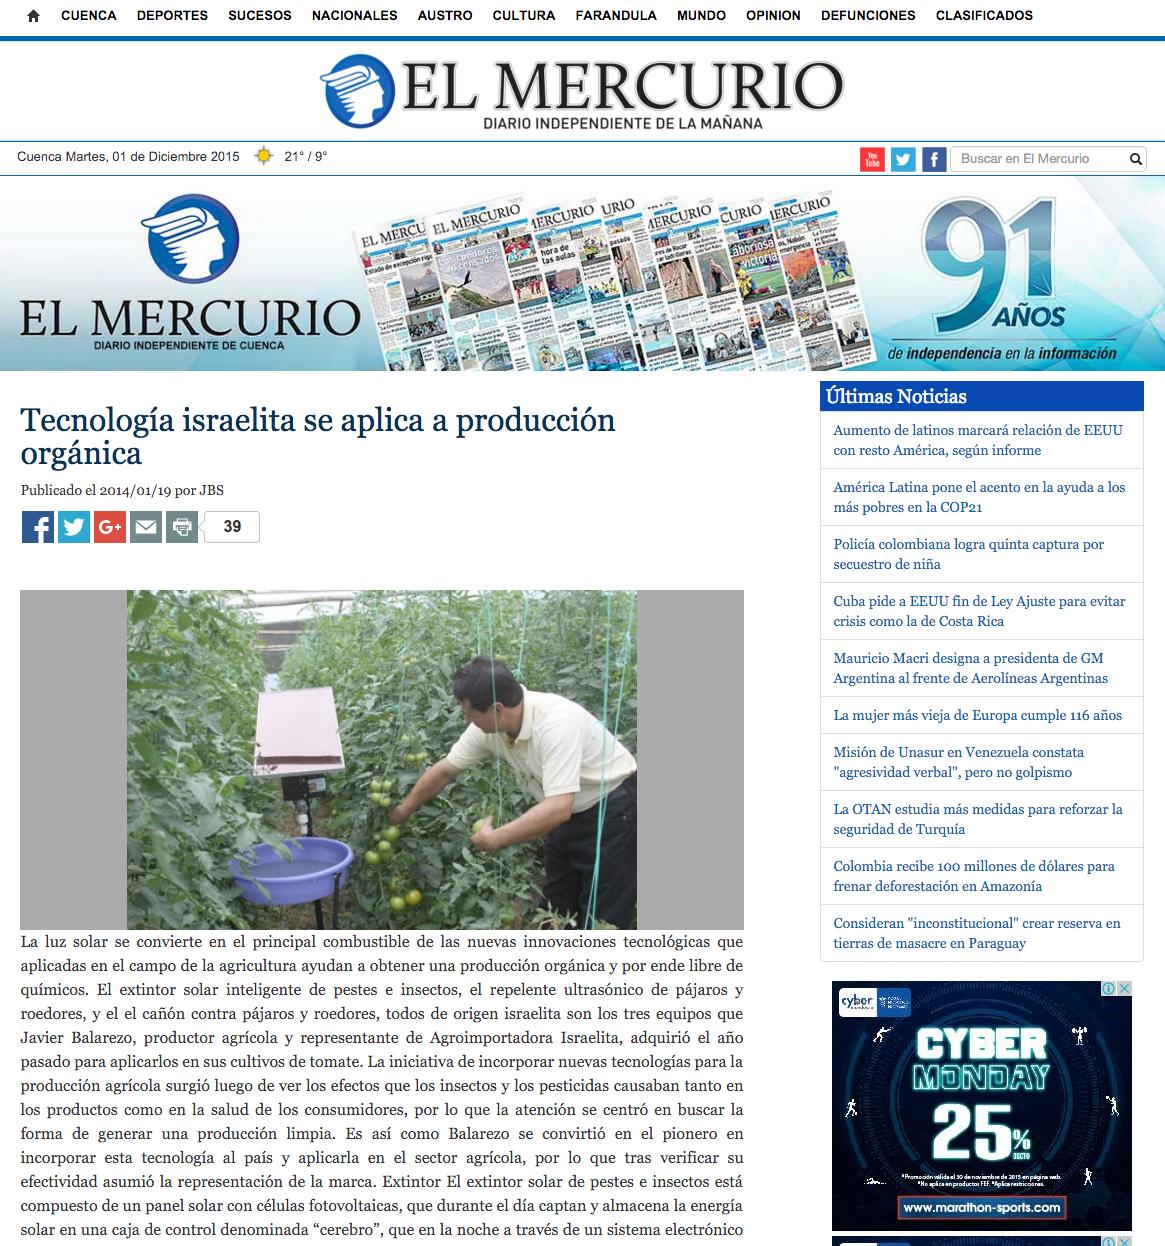 Reportaje El Mercurio